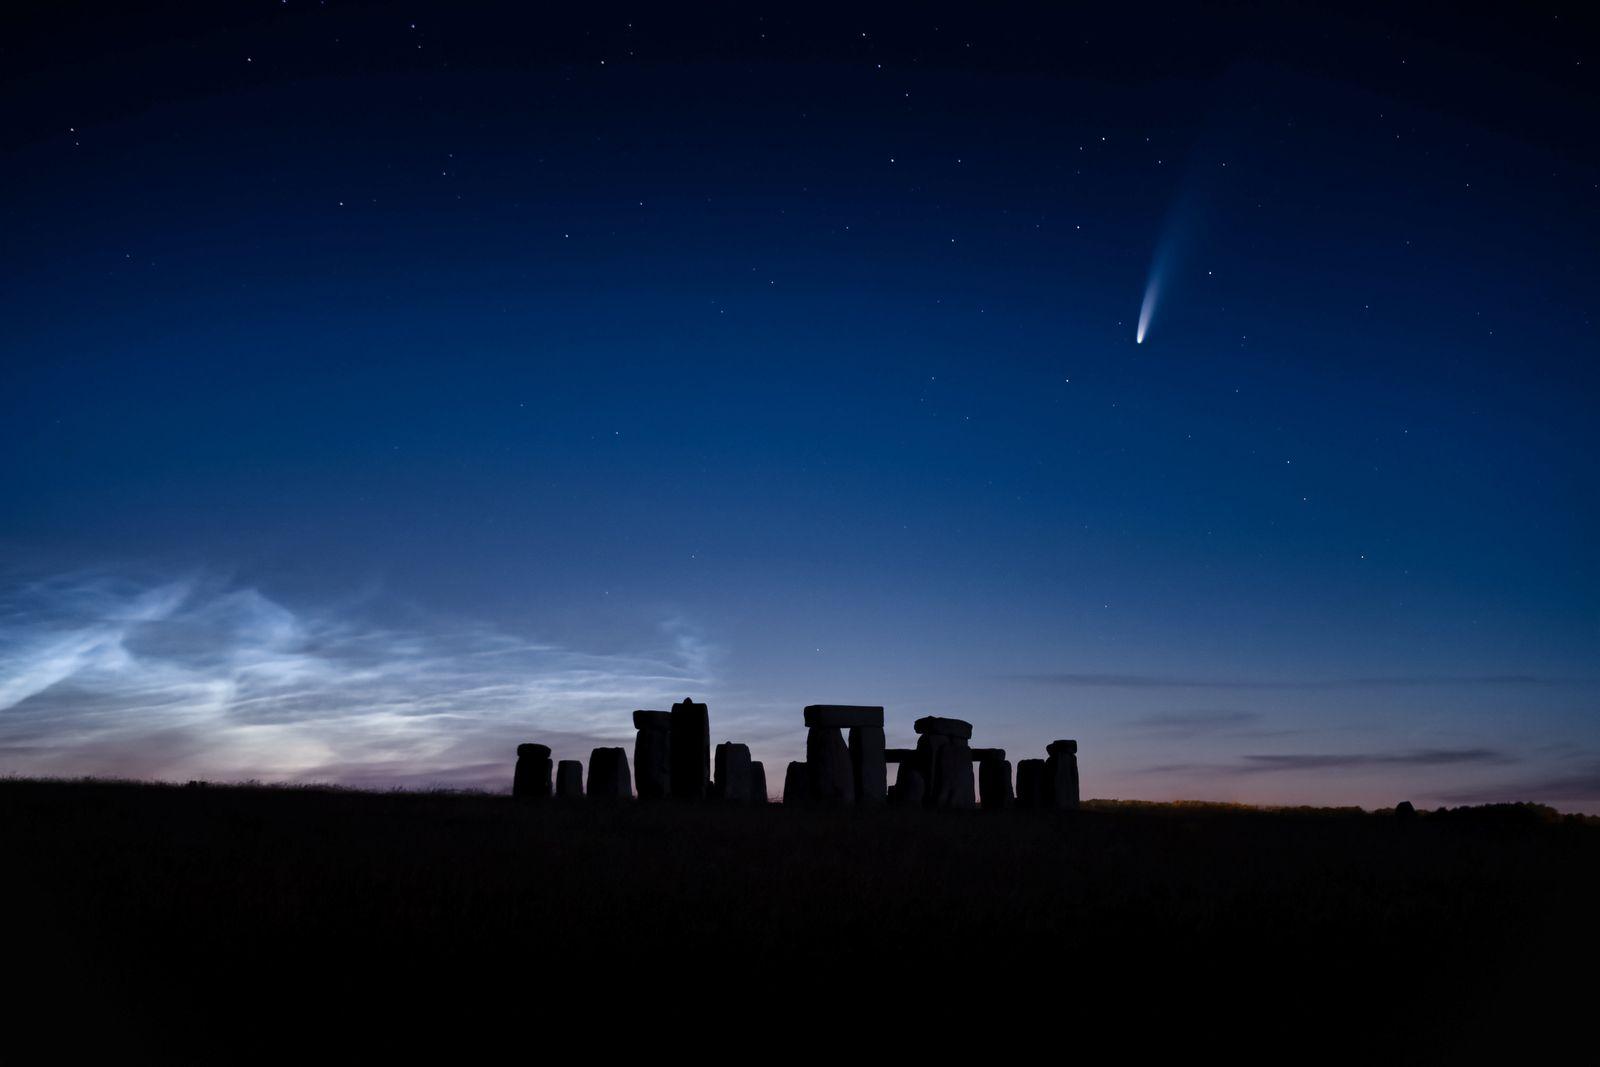 Himmelsphänomen: Komet Neowise zieht seine Bahn über Grossbritannien